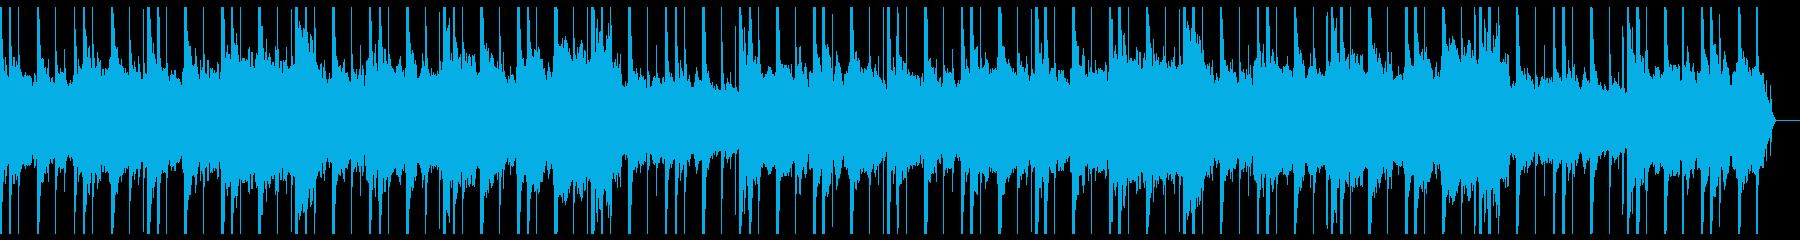 純和風雅楽サウンドの再生済みの波形